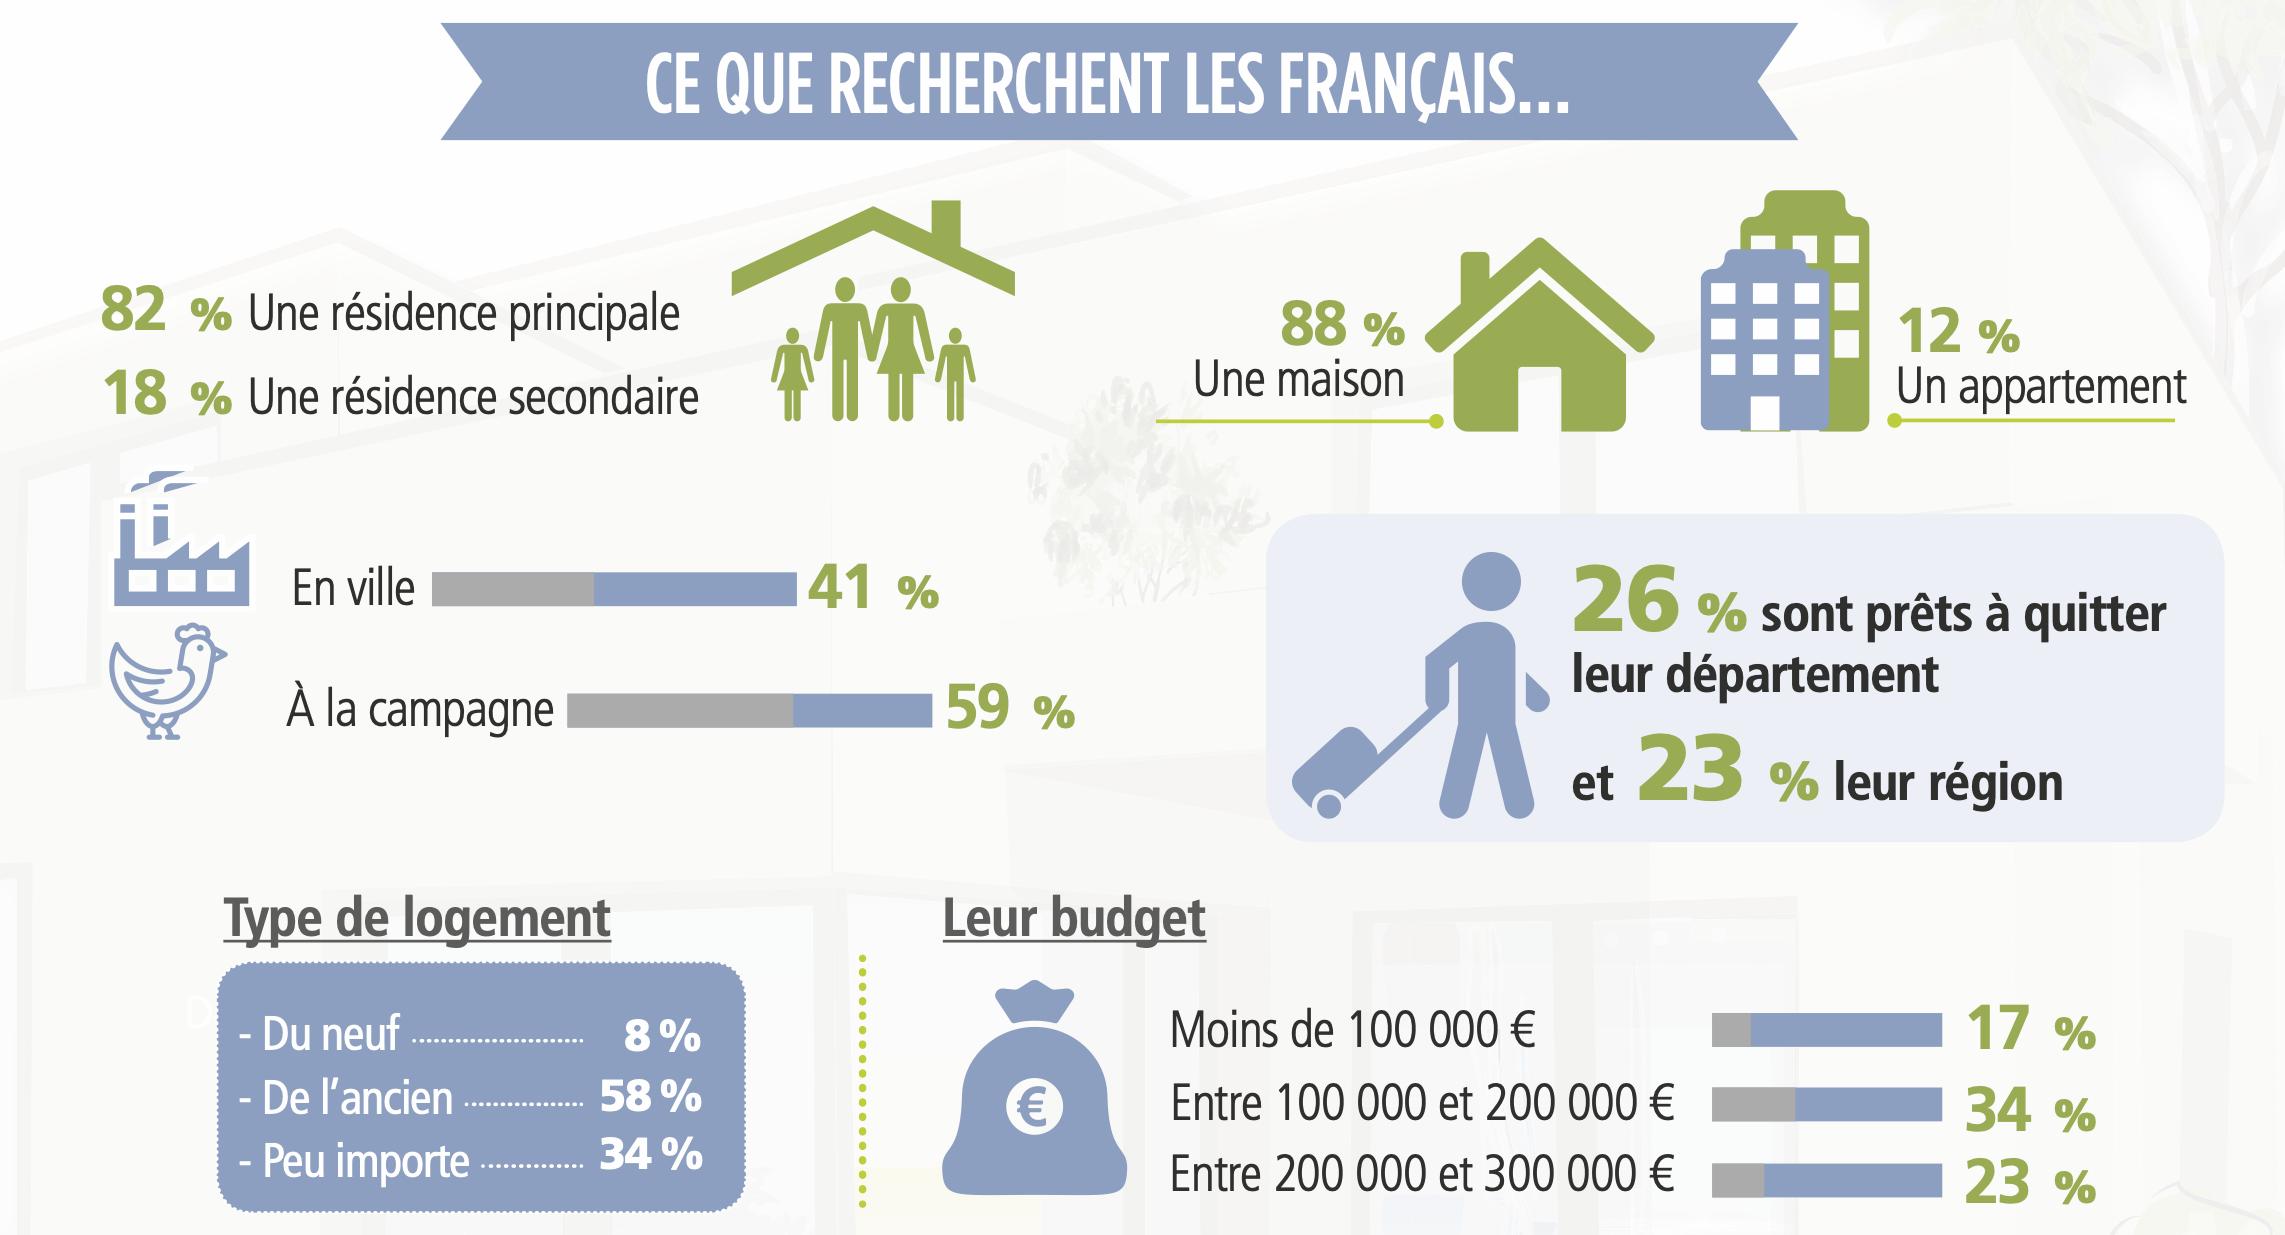 Immobilier post-confinement : quel est le logement idéal pour les Français ?